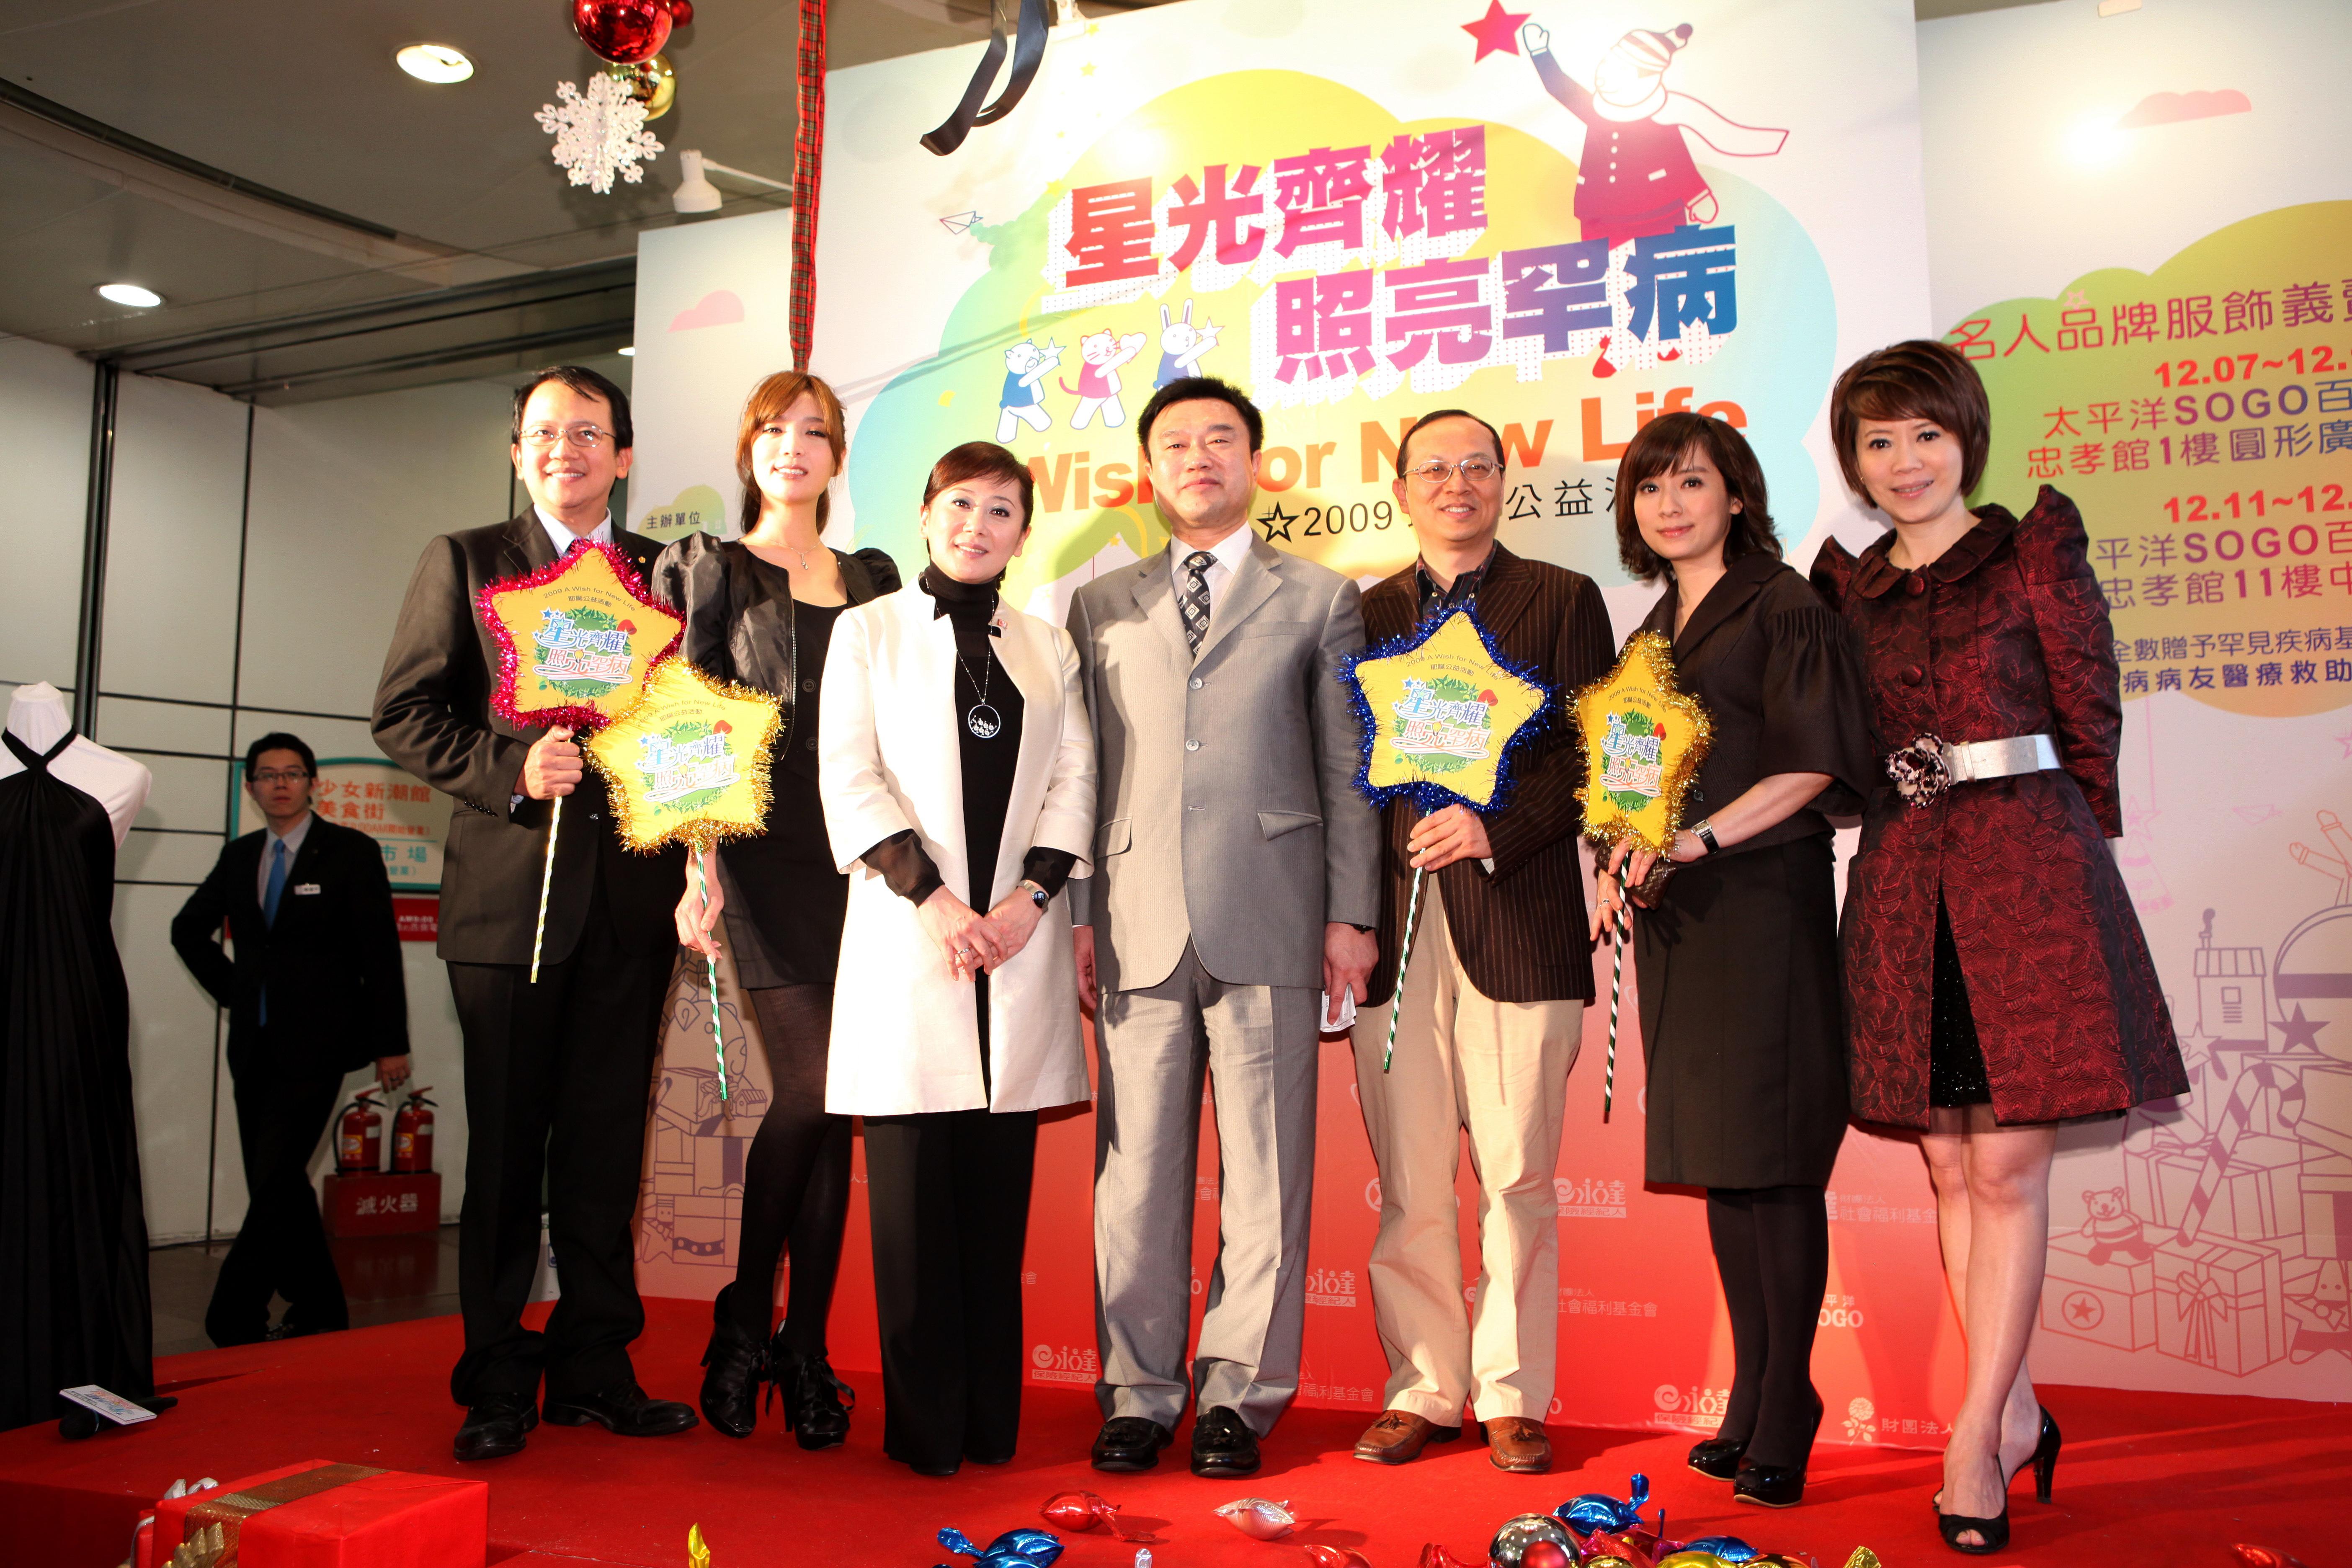 立委、名模及主播與SOGO基金會黃晴雯董事長(左三)及永達基金會吳文永董事長(左四)一齊關心罕病患者。